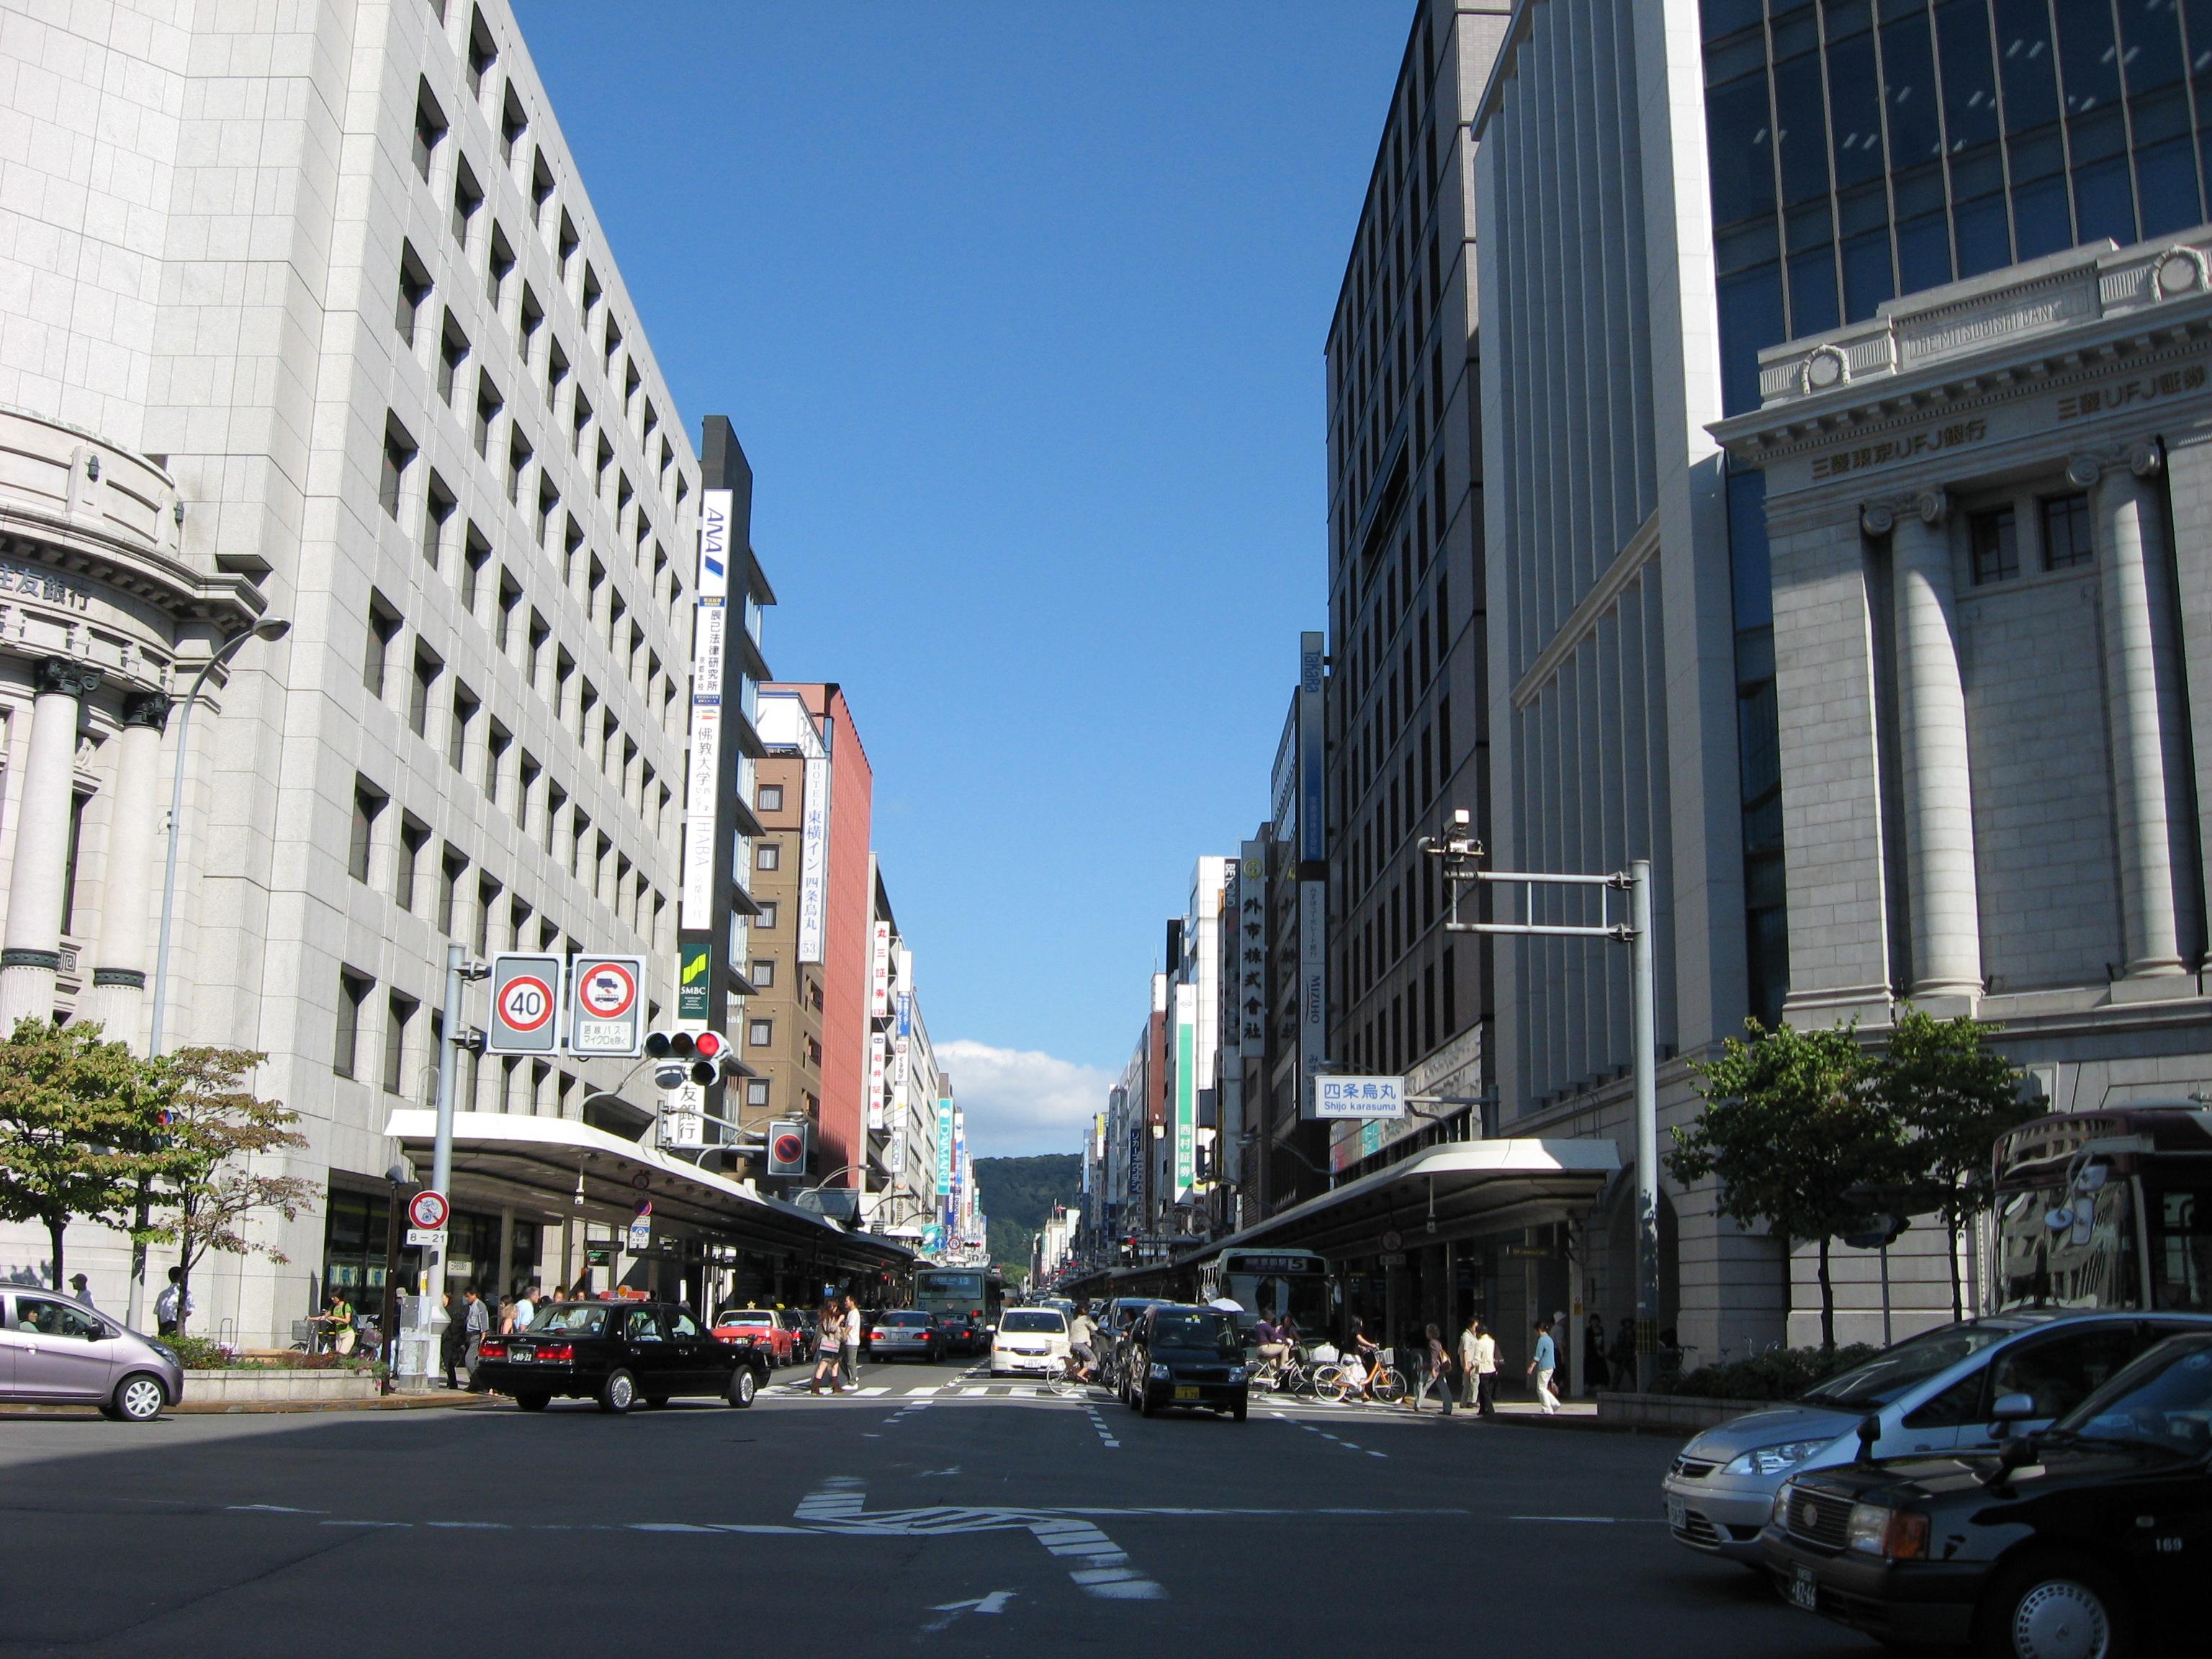 【京都】四条烏丸で荷物を預けられるecbo cloak加盟店人気トップ5!コインロッカー代わりに活用しよう